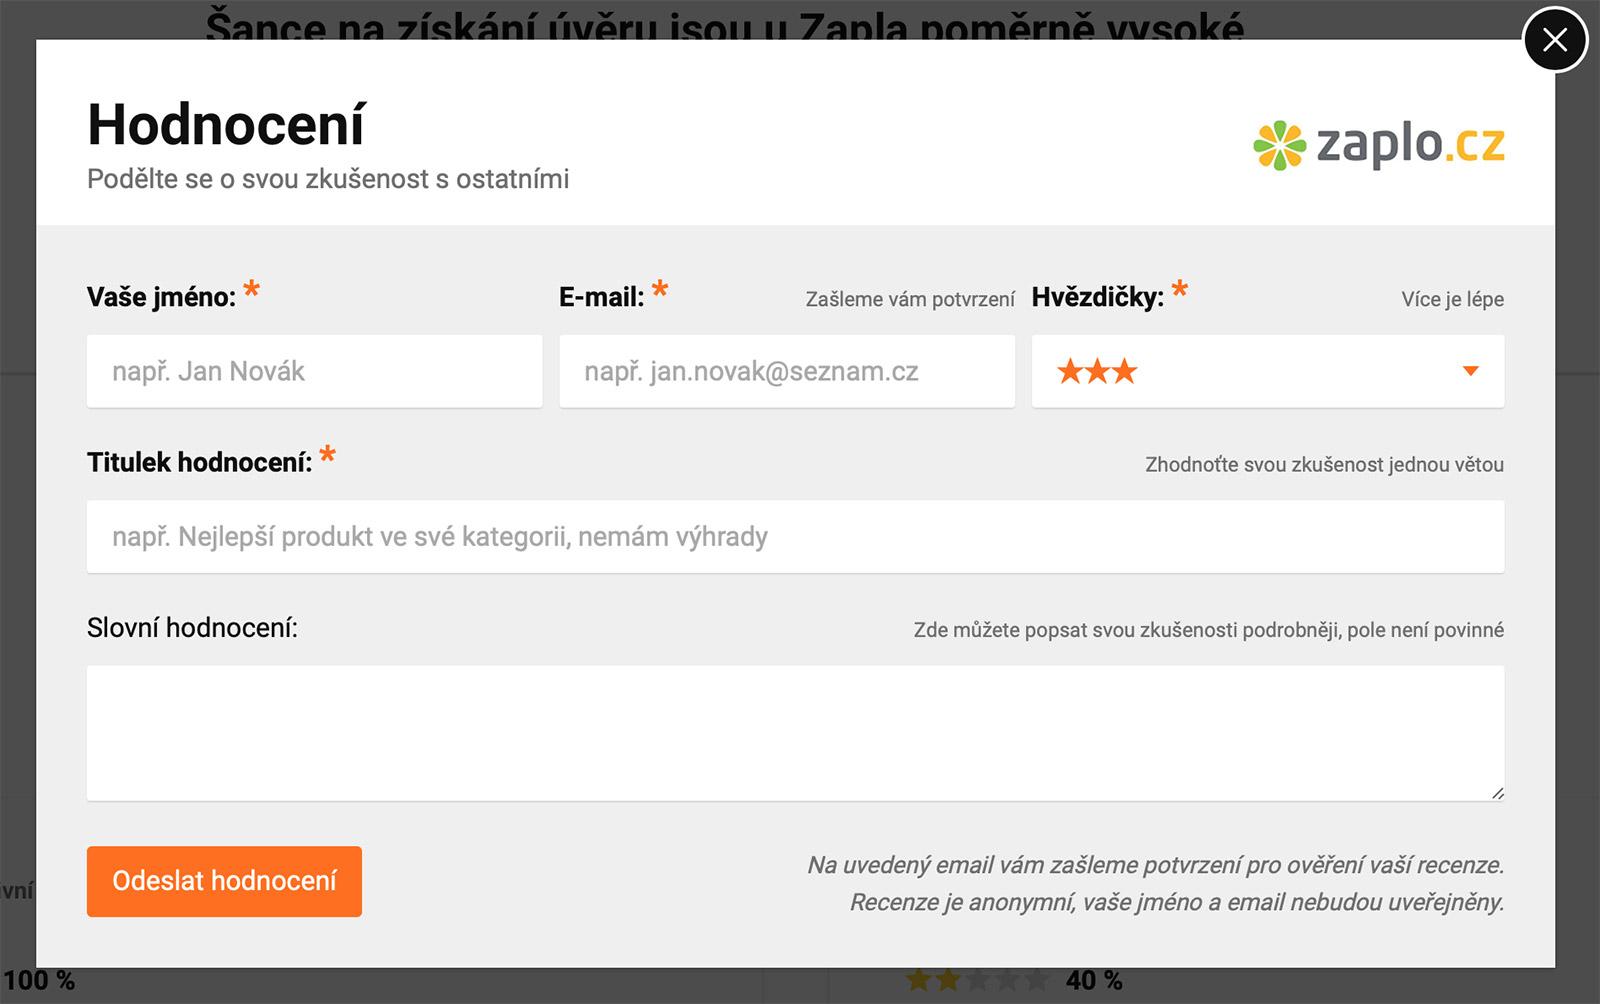 Vložení uživatelského hodnocení na web okfin.cz